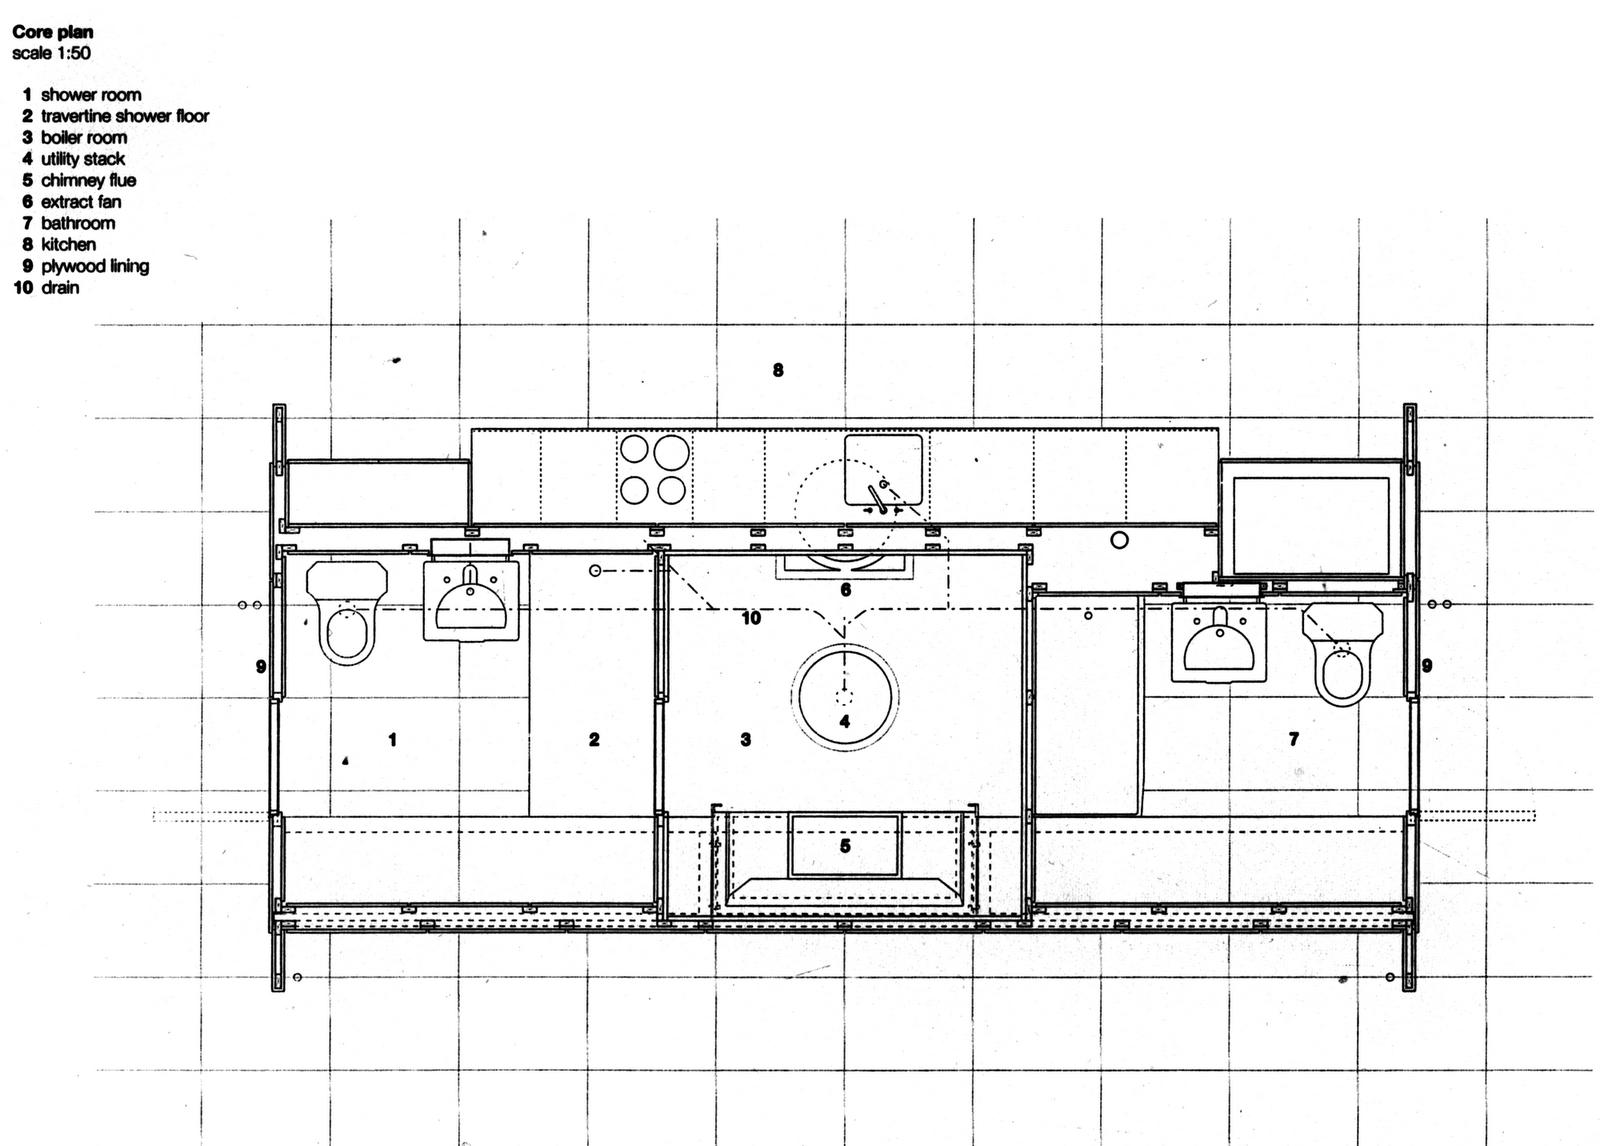 Cavica proyectos de arquitectura casa farnsworth for Medidas en arquitectura pdf